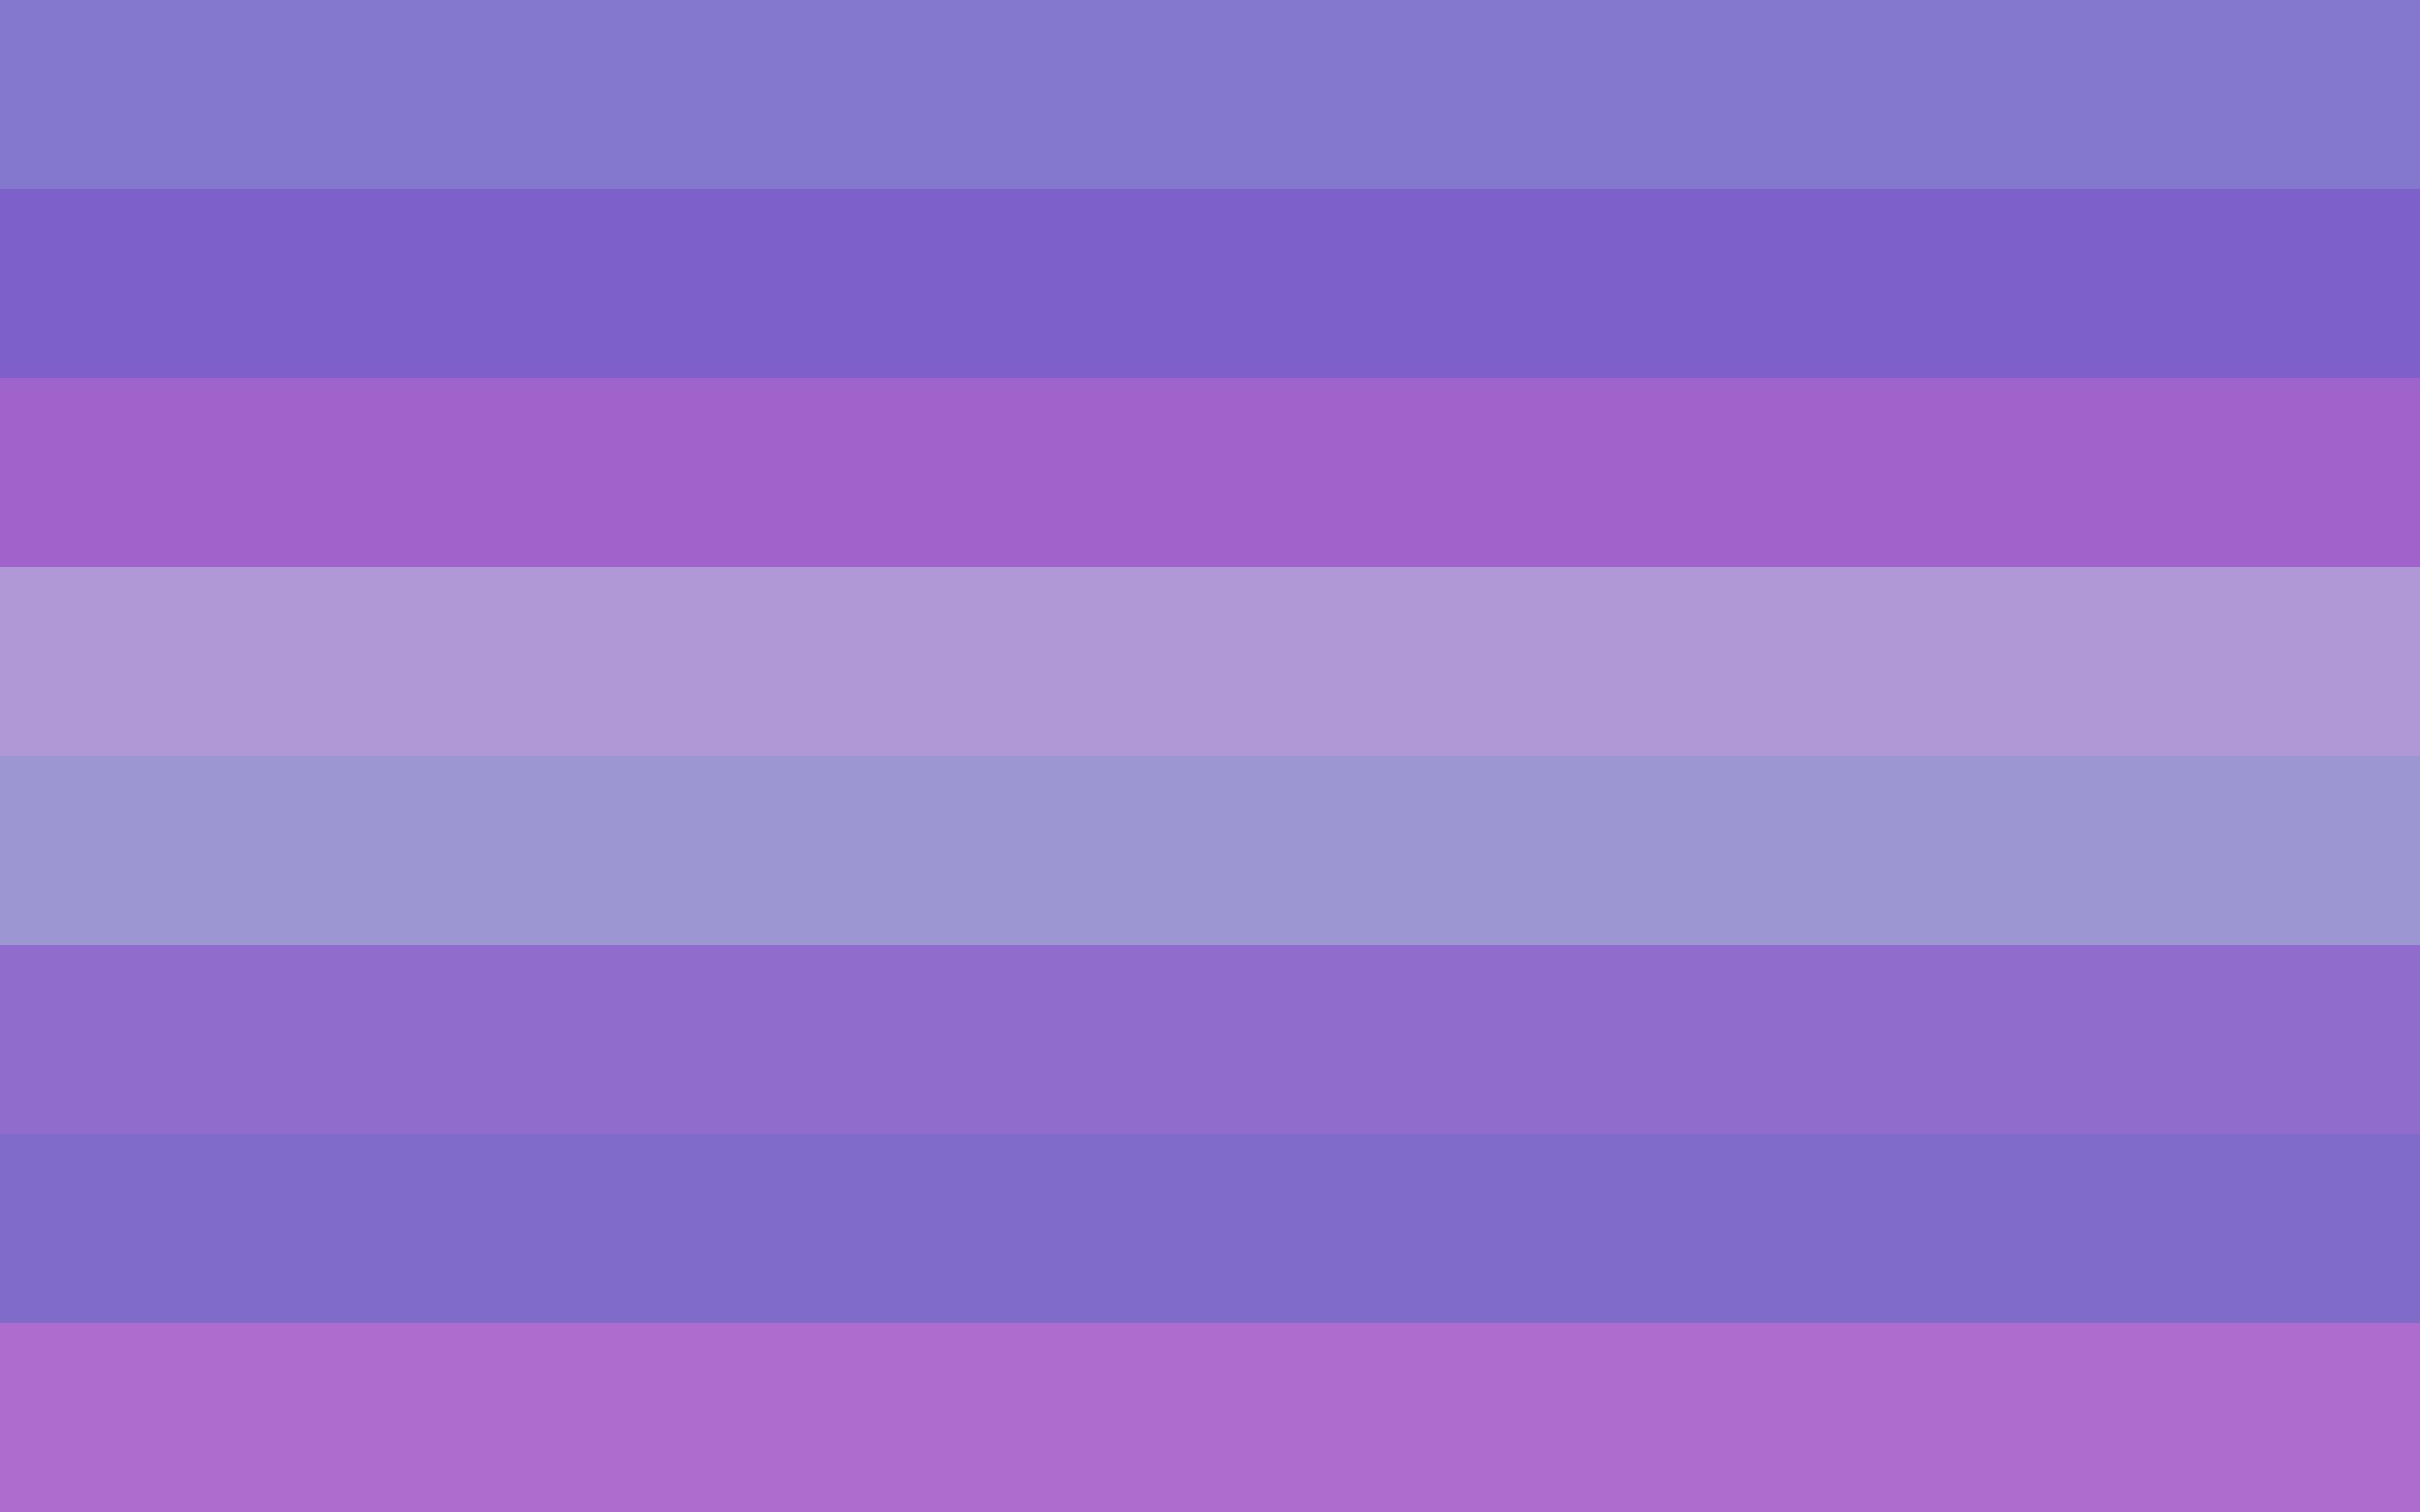 Fondos de pantalla p rpura violeta texto azul patr n - Colores que combinan con lila ...